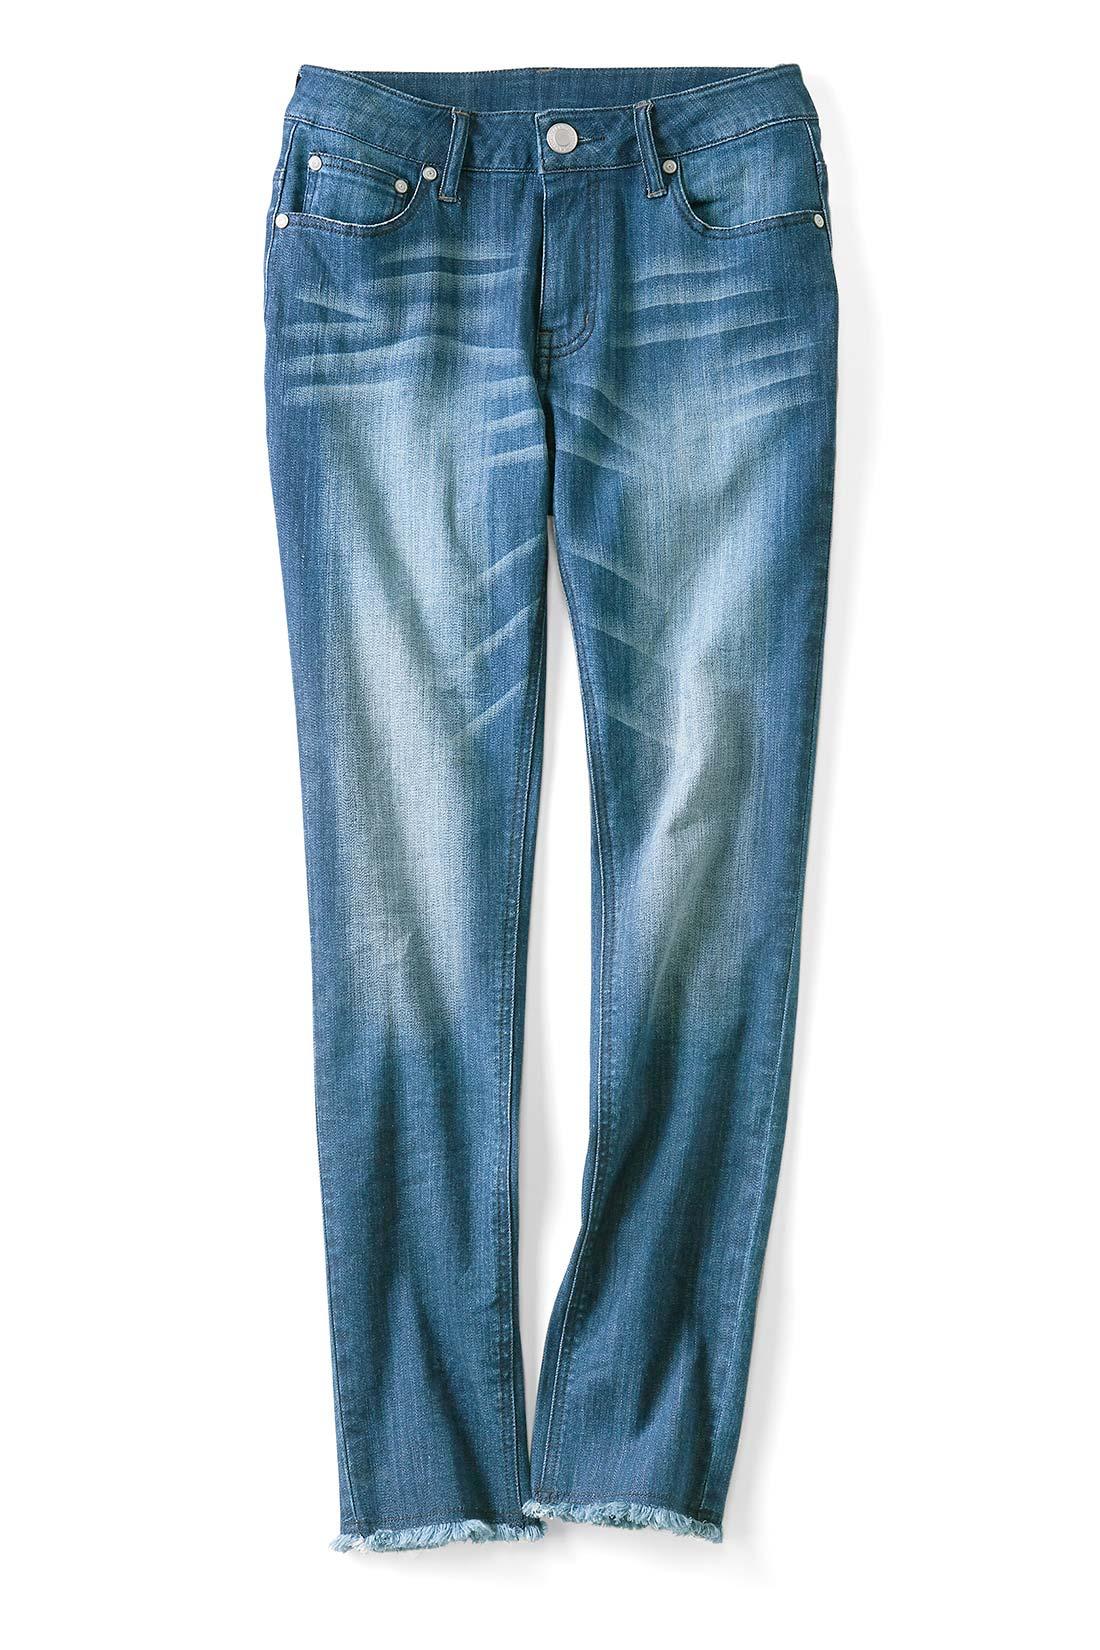 〈ユーズドネイビー〉 こなれ感あるダメージ加工で細見せ 脚の中心にアタリを出して生地色を白く抜くことで、縦のラインと立体感を強調。